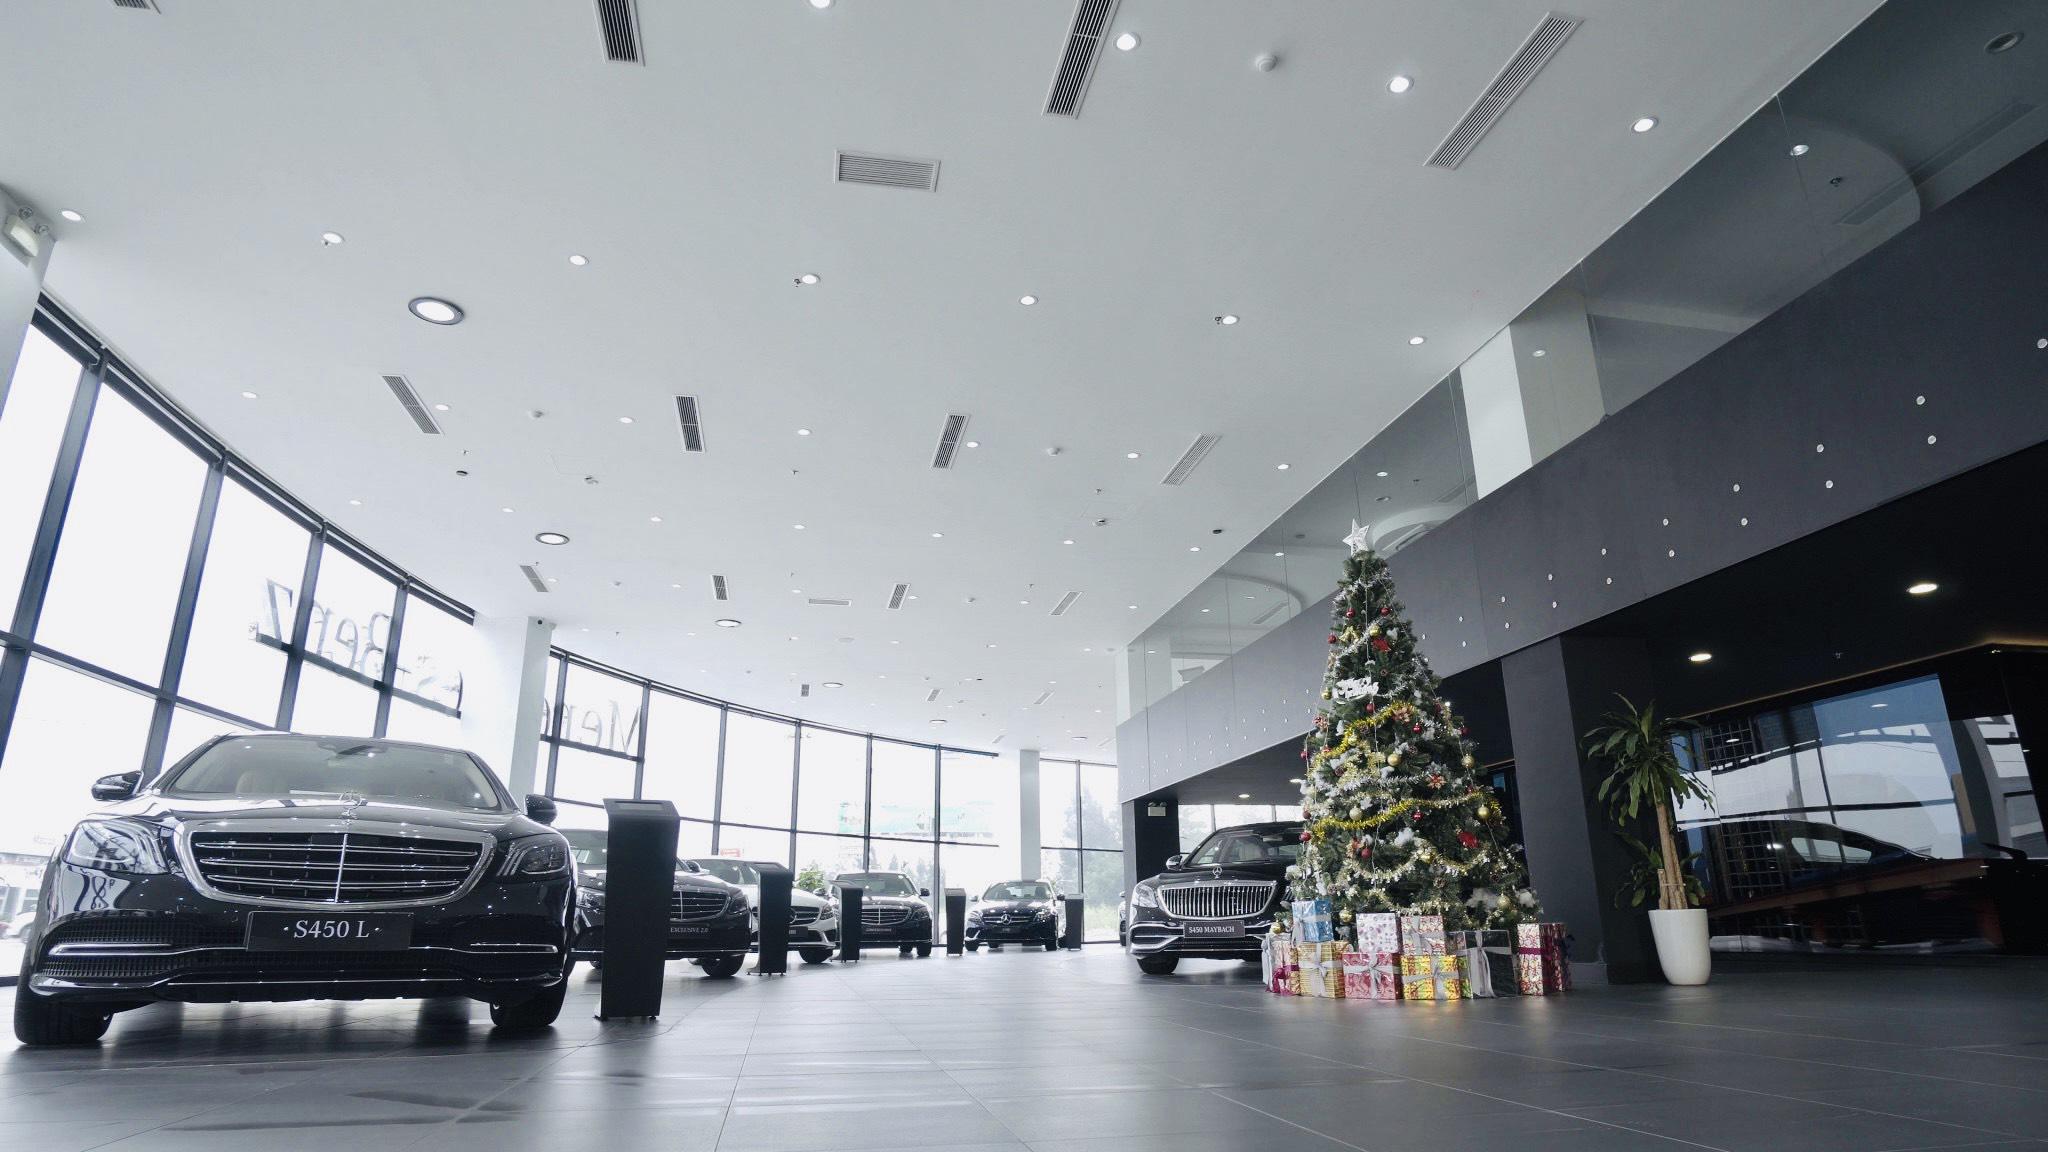 Mercedes-Benz mở rộng thị trường tại khu vực Bắc Trung Bộ mercedes-nghe-an-05.jpeg